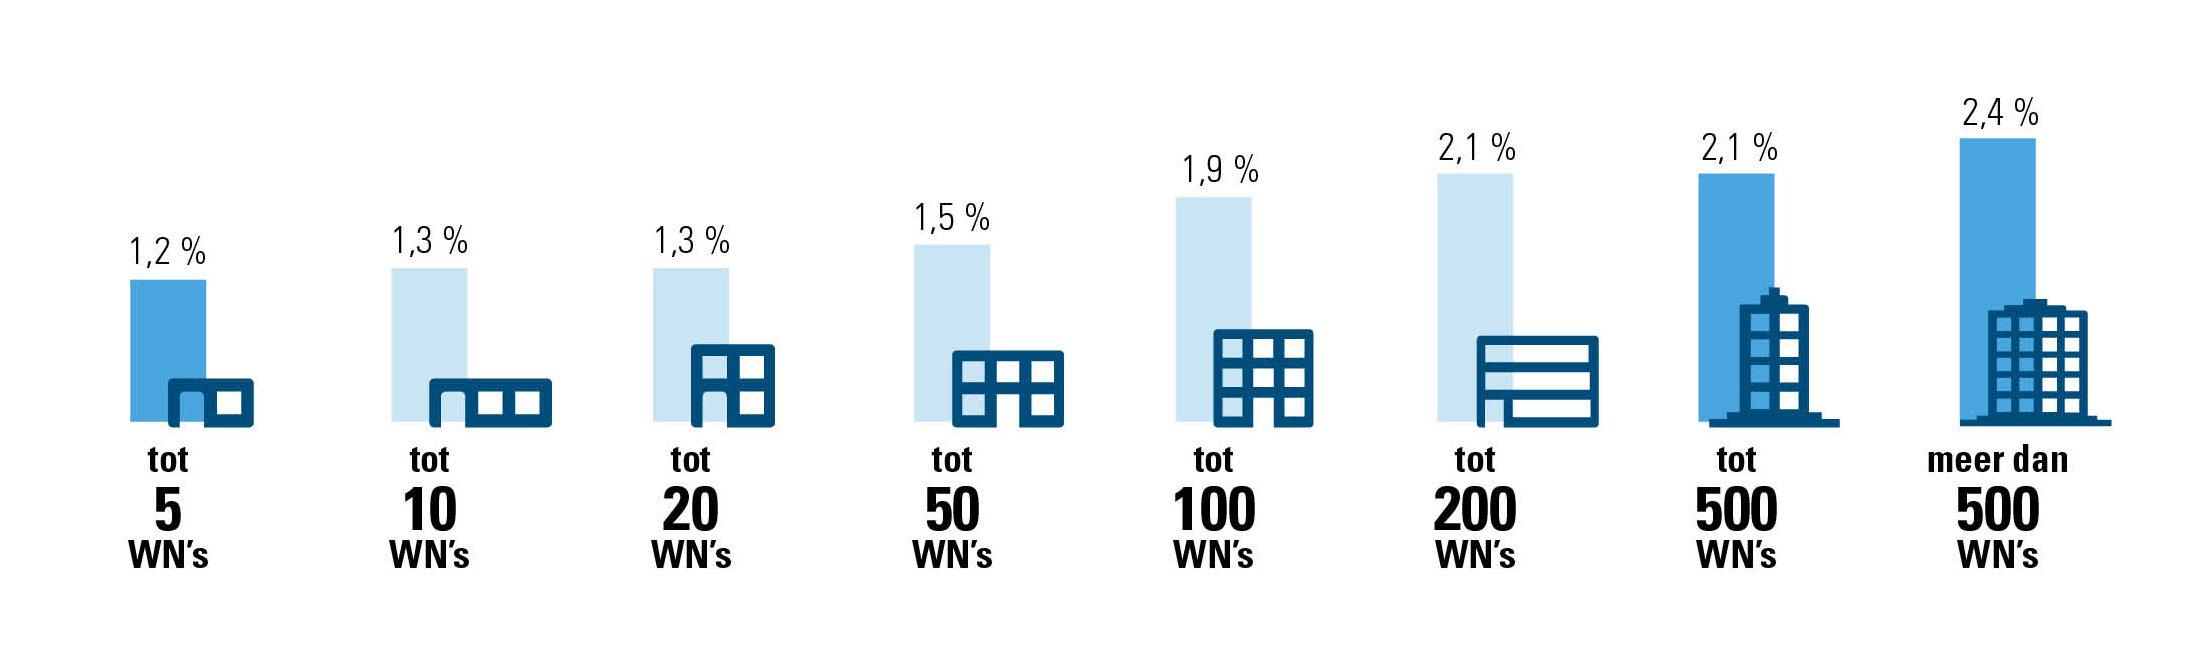 Percentage van zieken dat gebruikmaakt van progressieve werkhervatting, volgens grootte onderneming